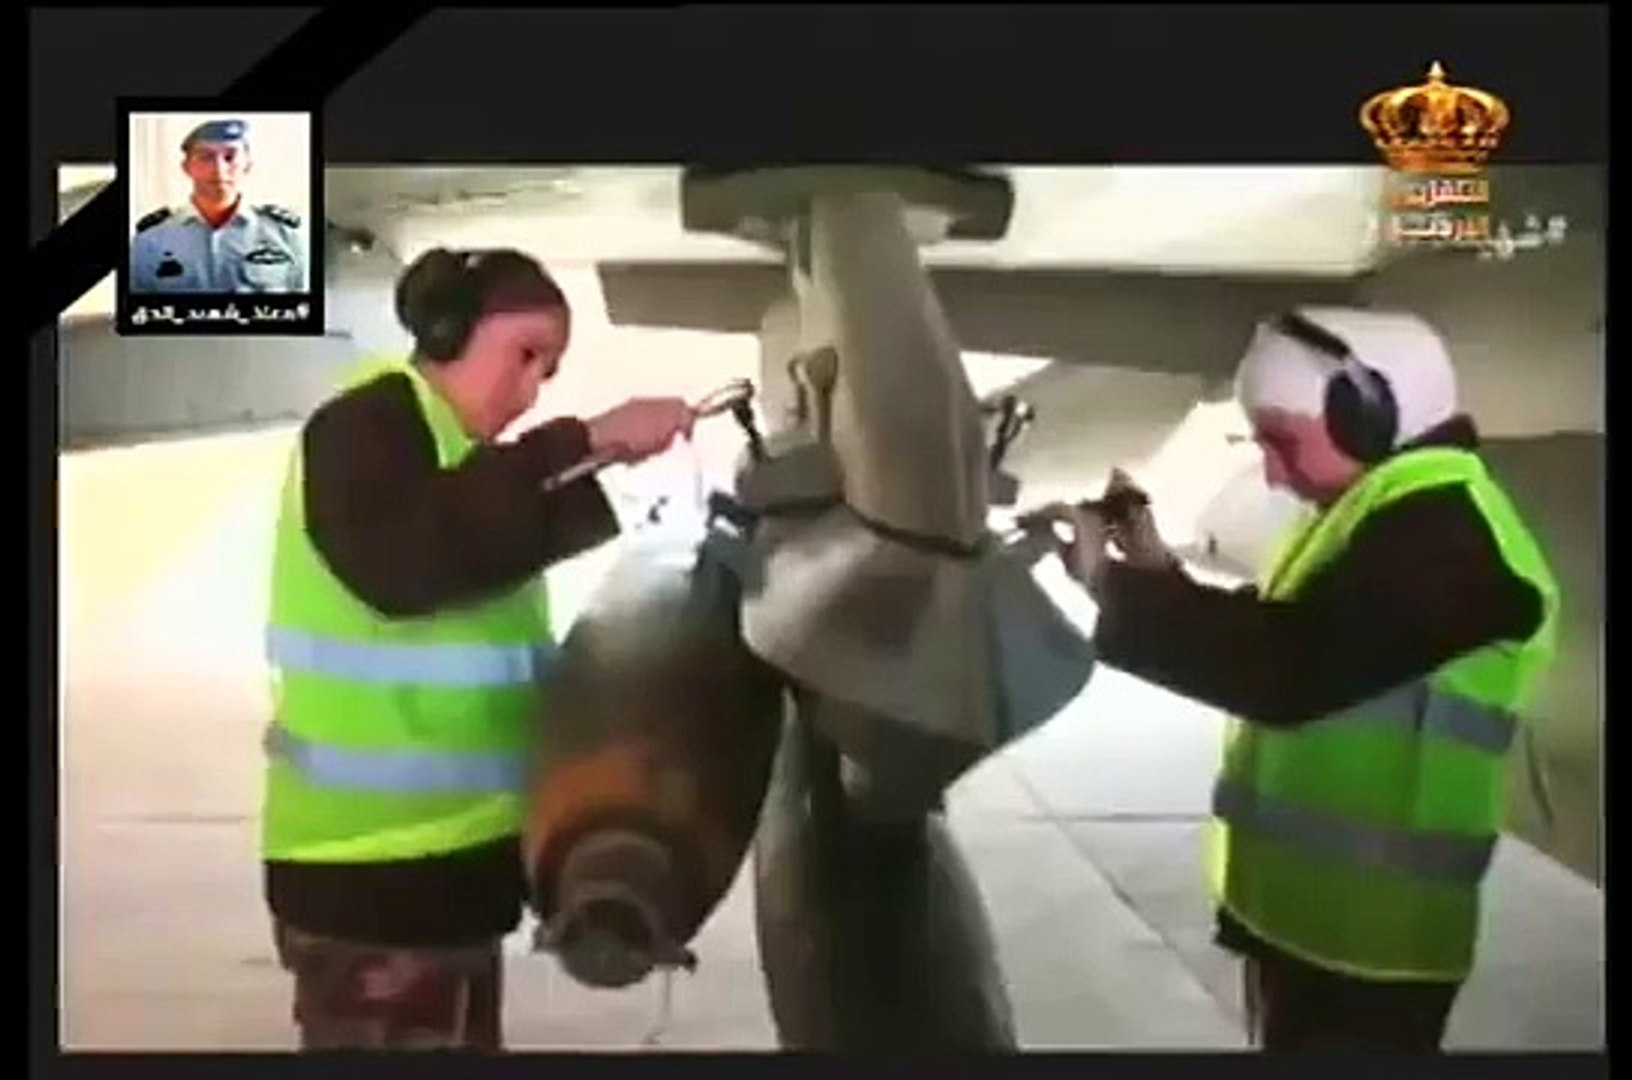 نسور يا سلاح الجو - عمر العبداللات / حصري و خاص للتلفزيون الاردني